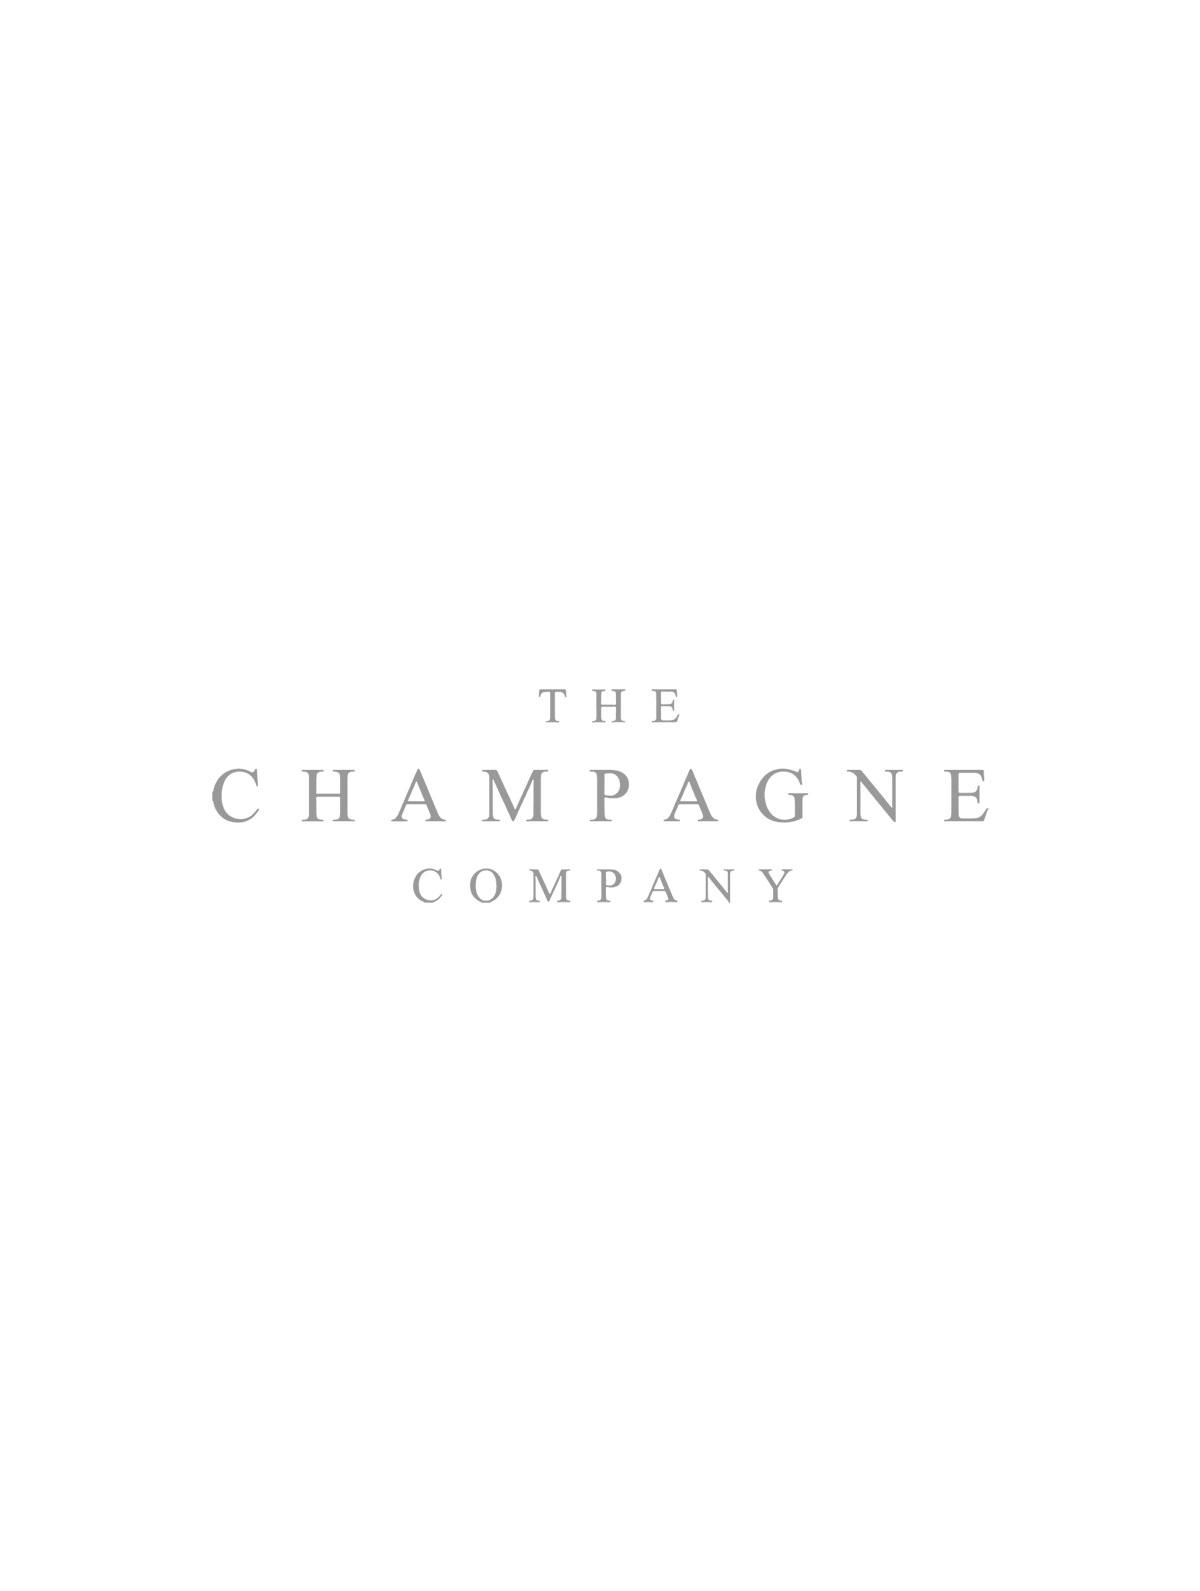 Dom Perignon 1998 Plenitude P2 Vintage Champagne 75cl